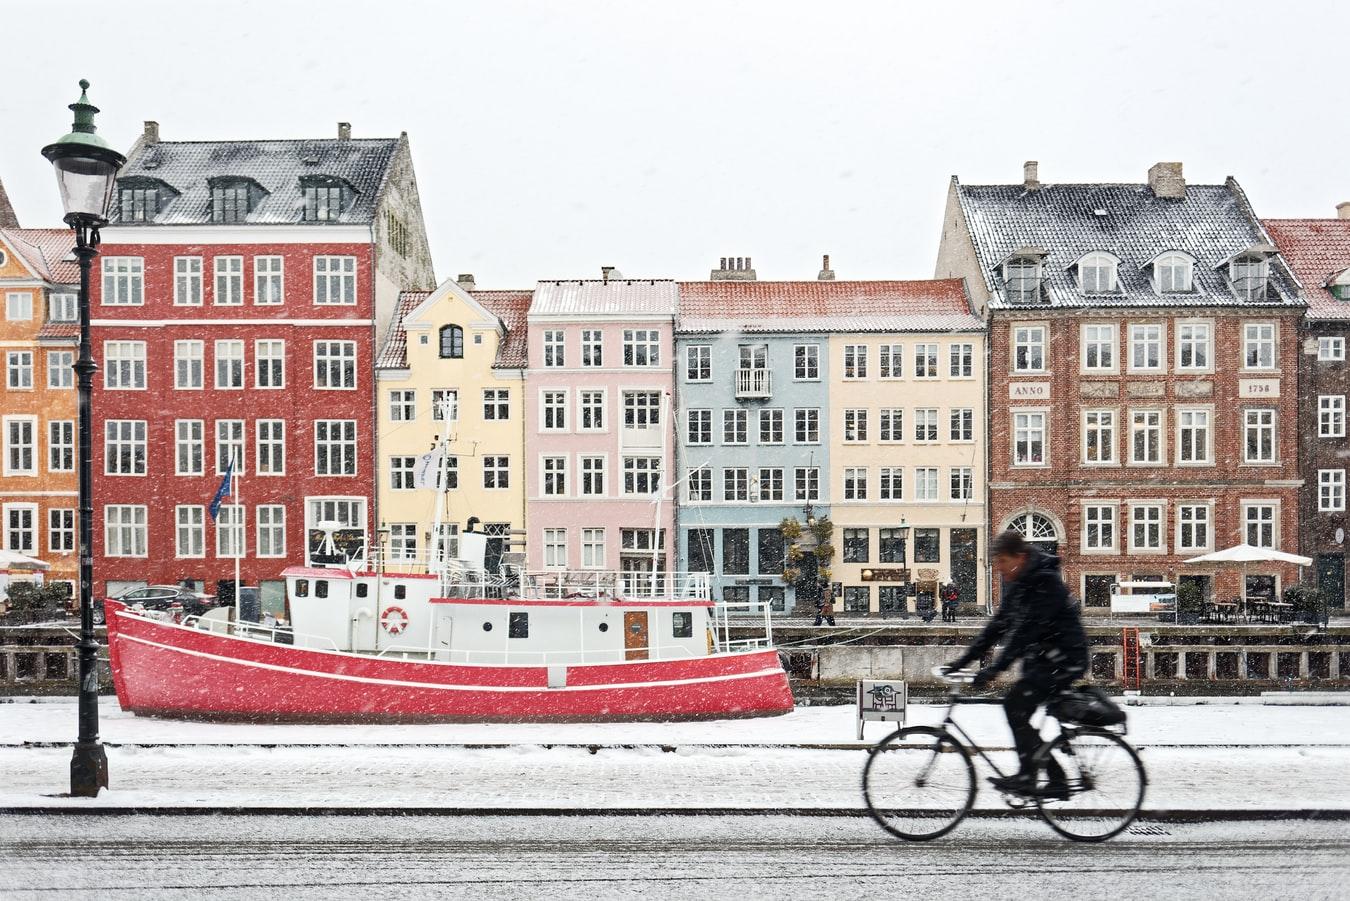 丹麦签证官审核标准